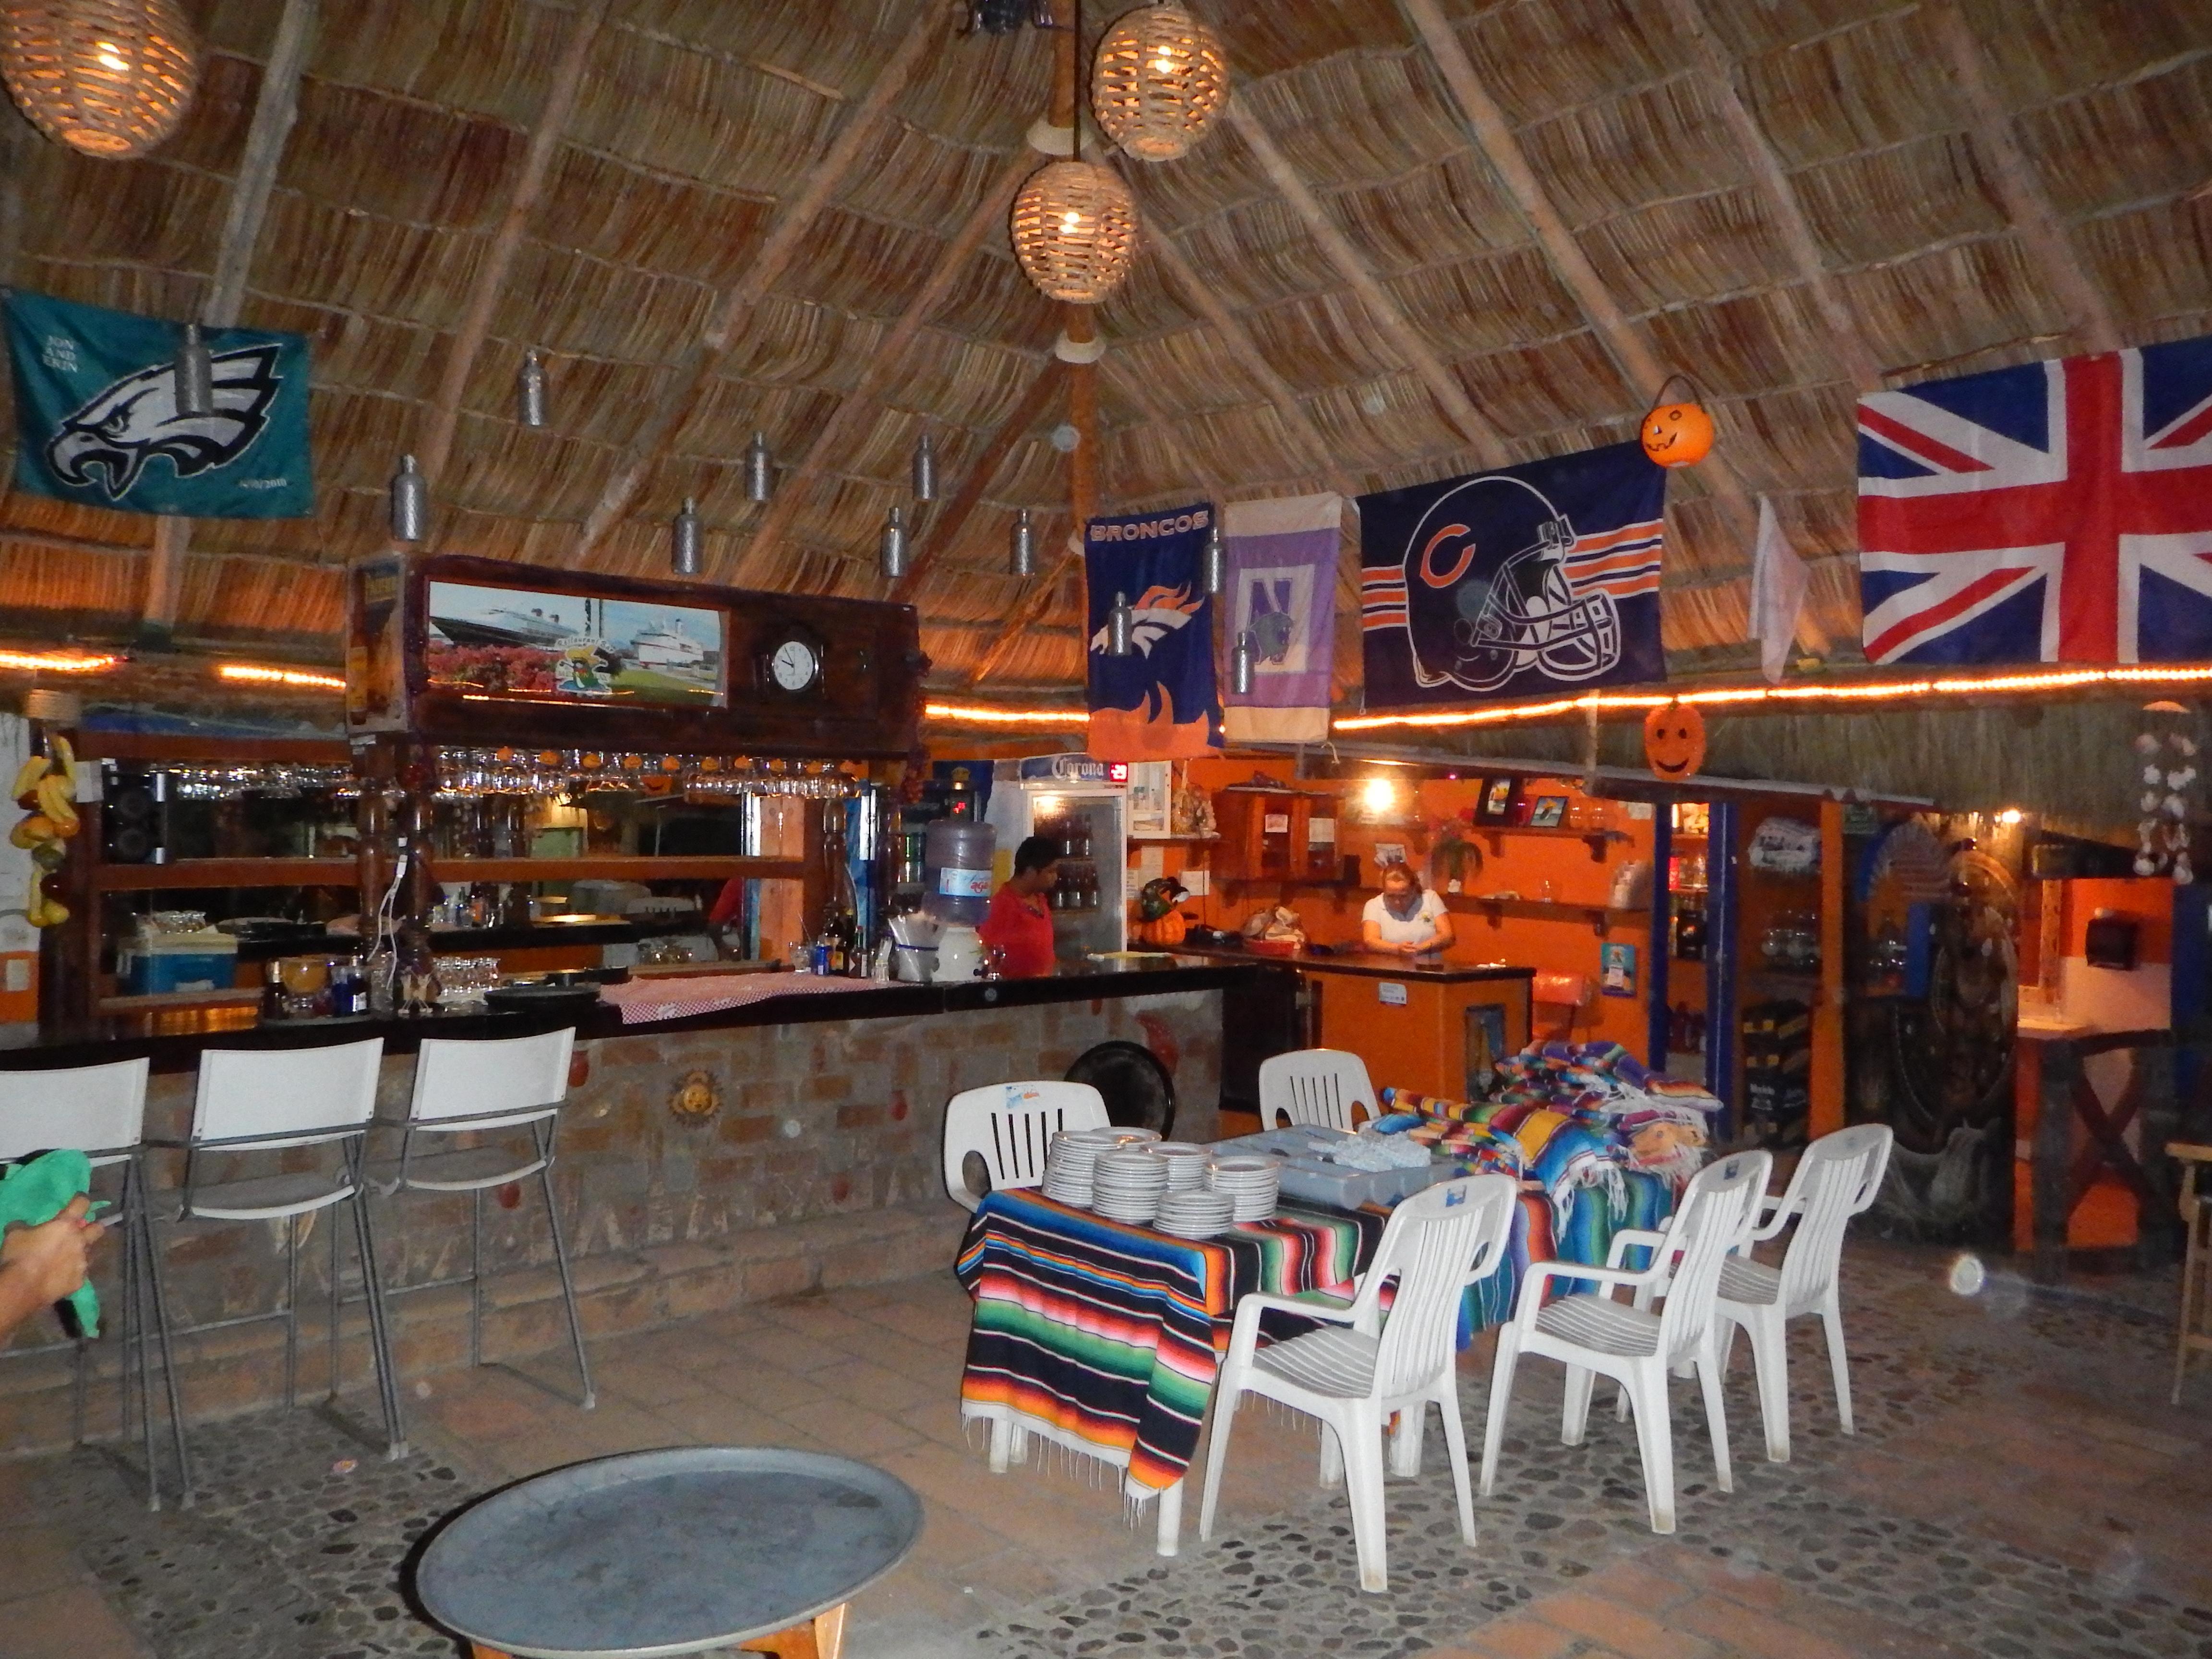 Claudio S Restaurant And Bar Bucerias Mexico